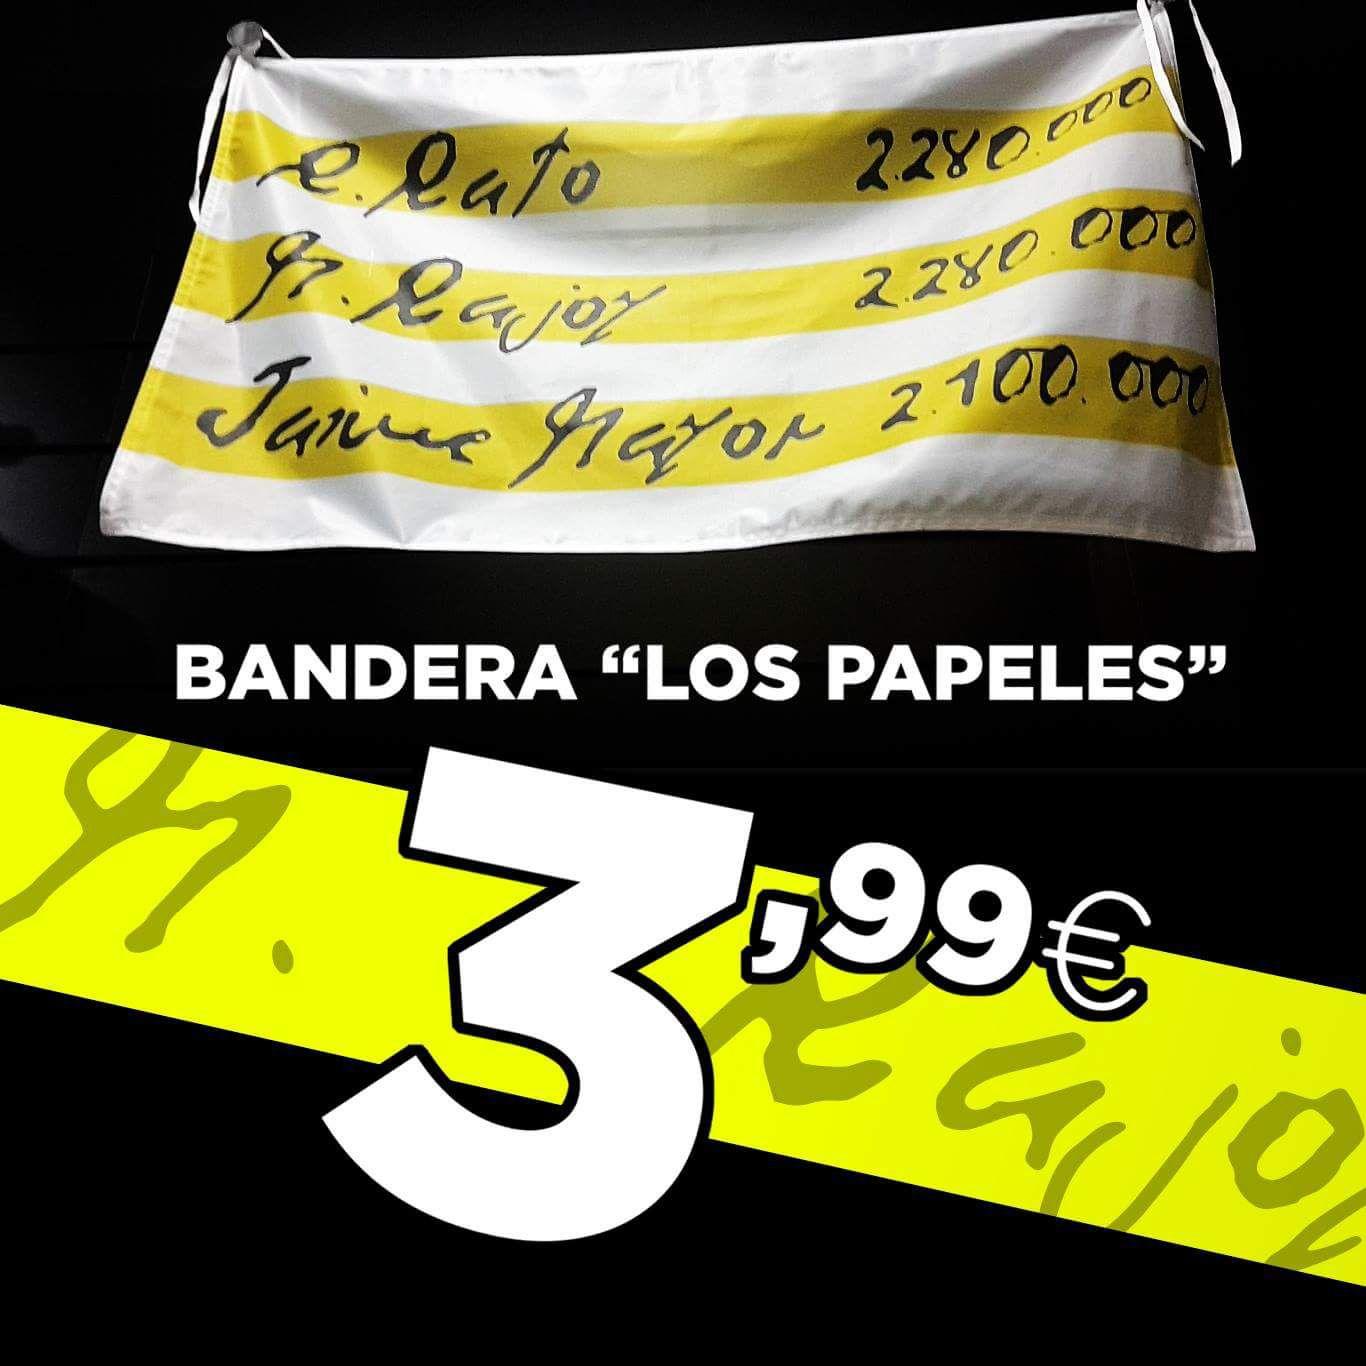 BANDERA TRAPOS SUCIOS